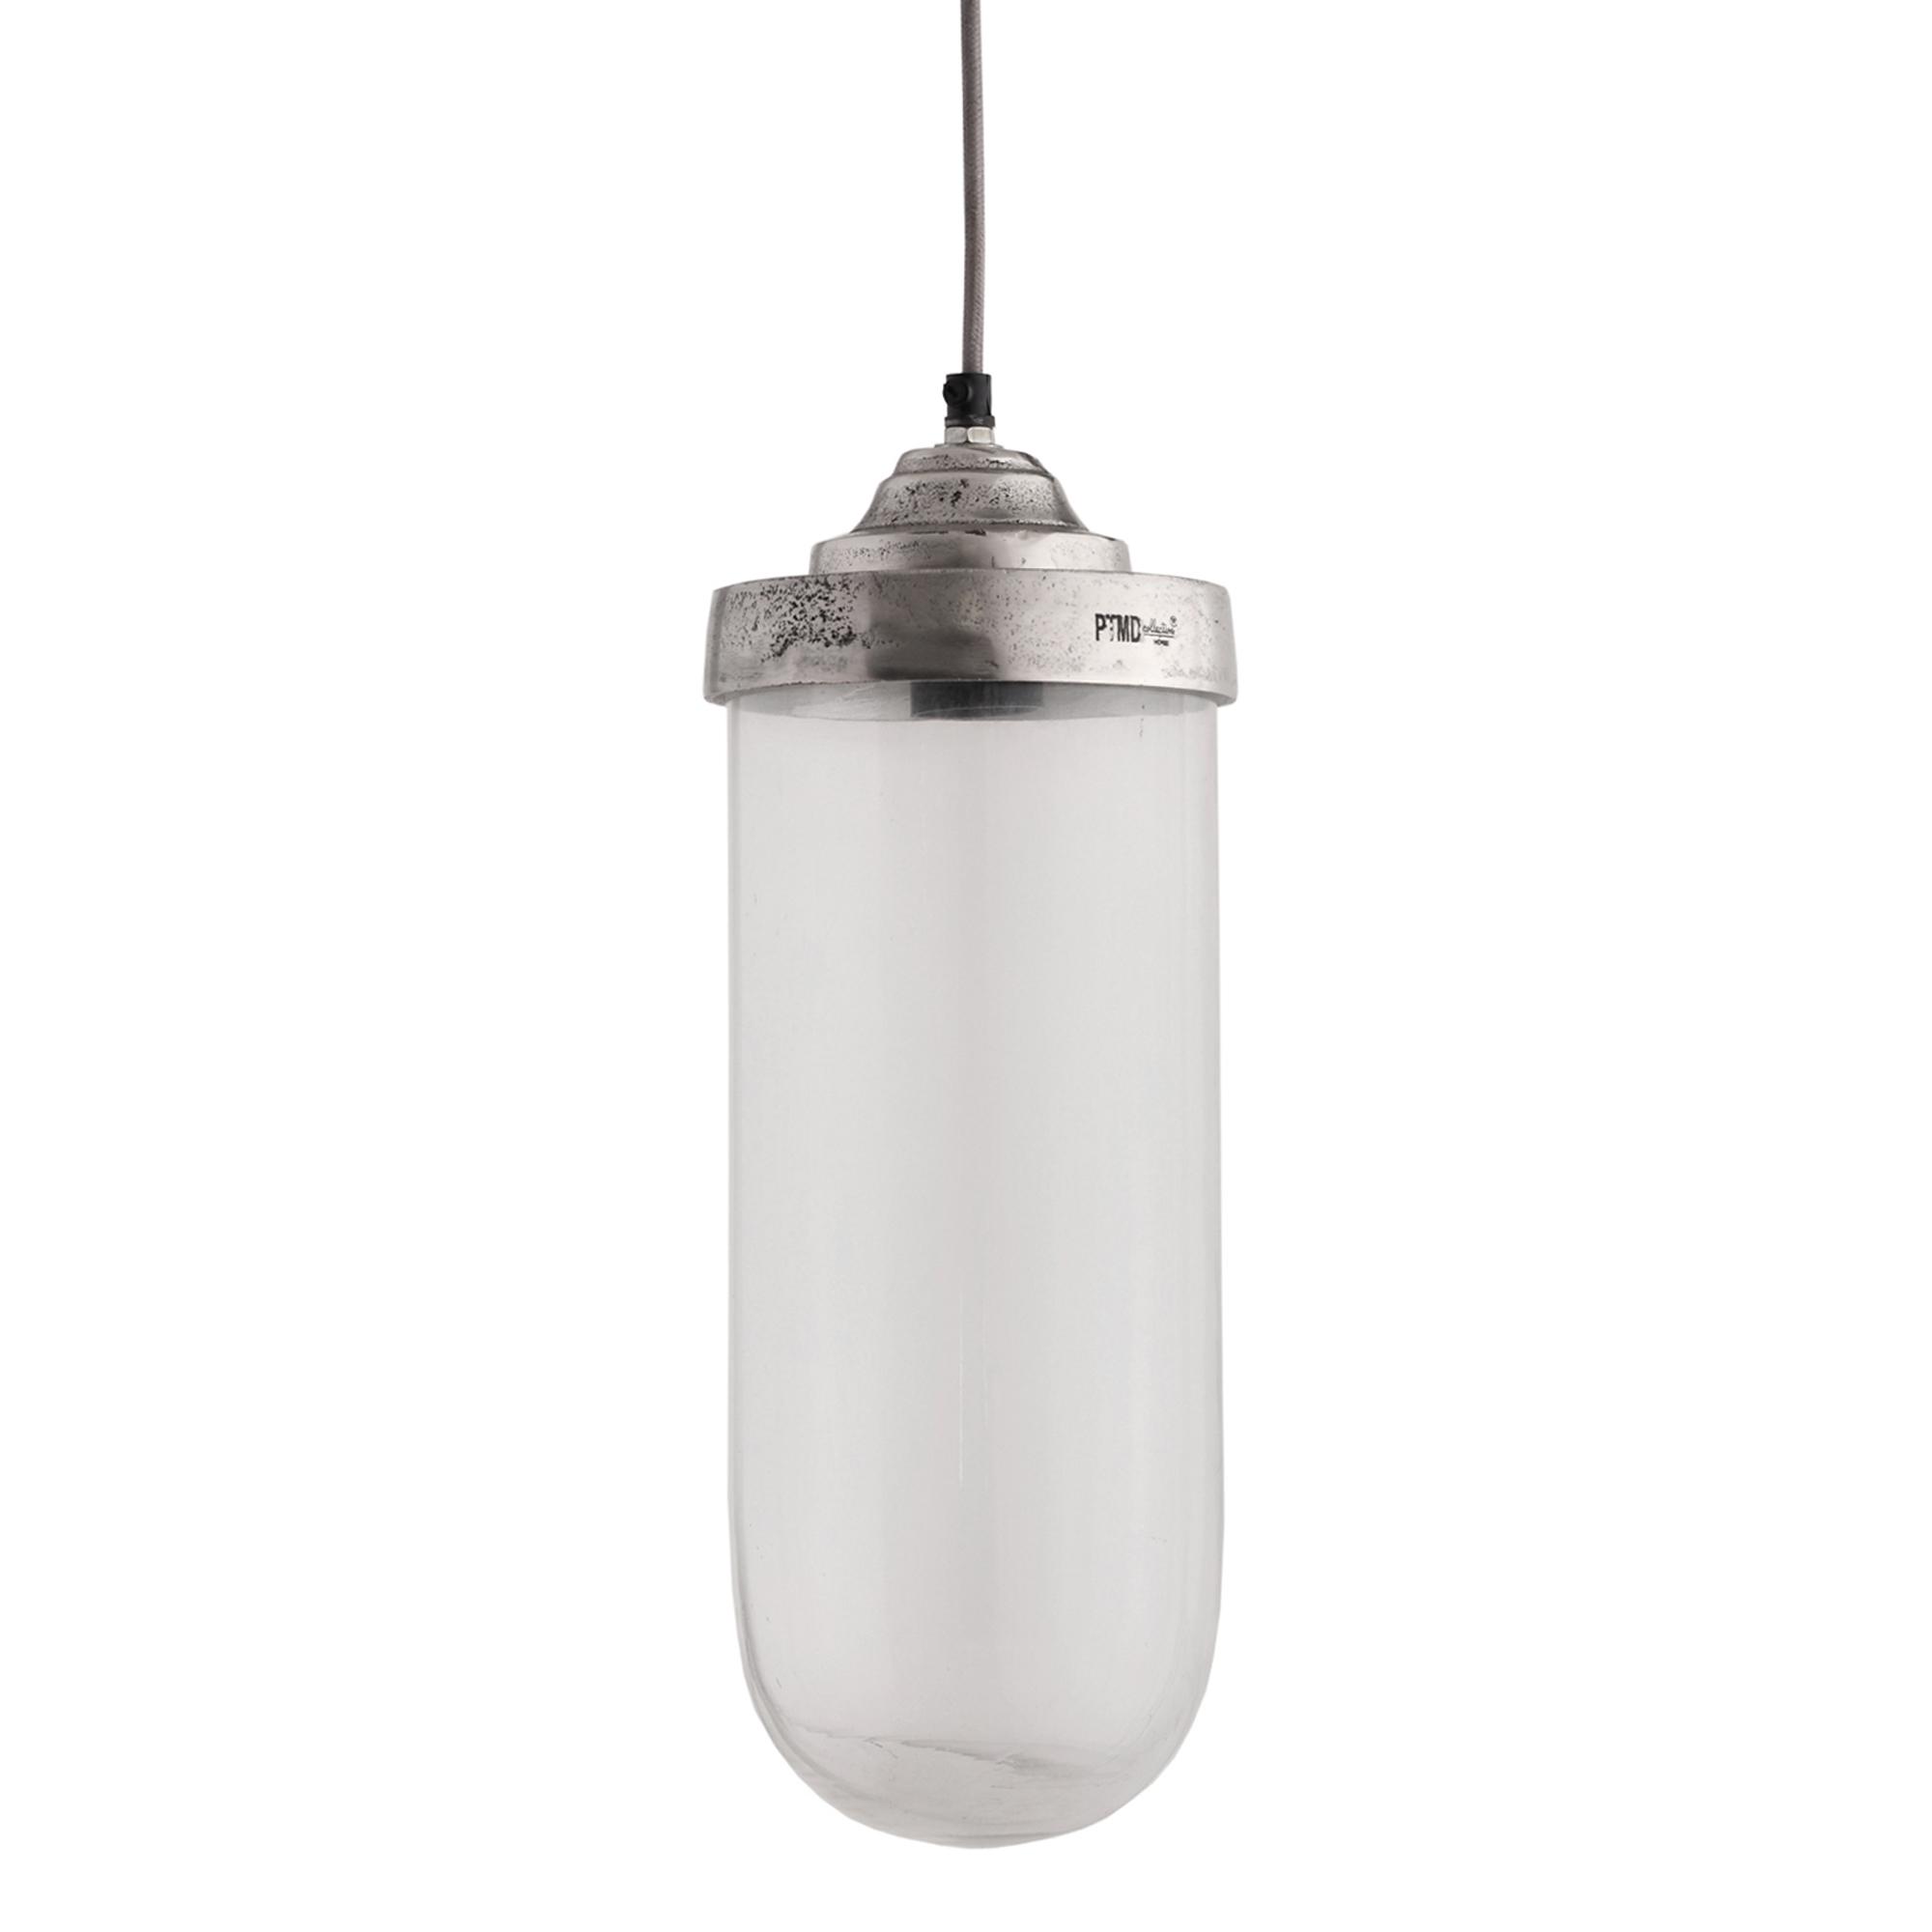 PTMD Tucson L glas vintage hanglamp